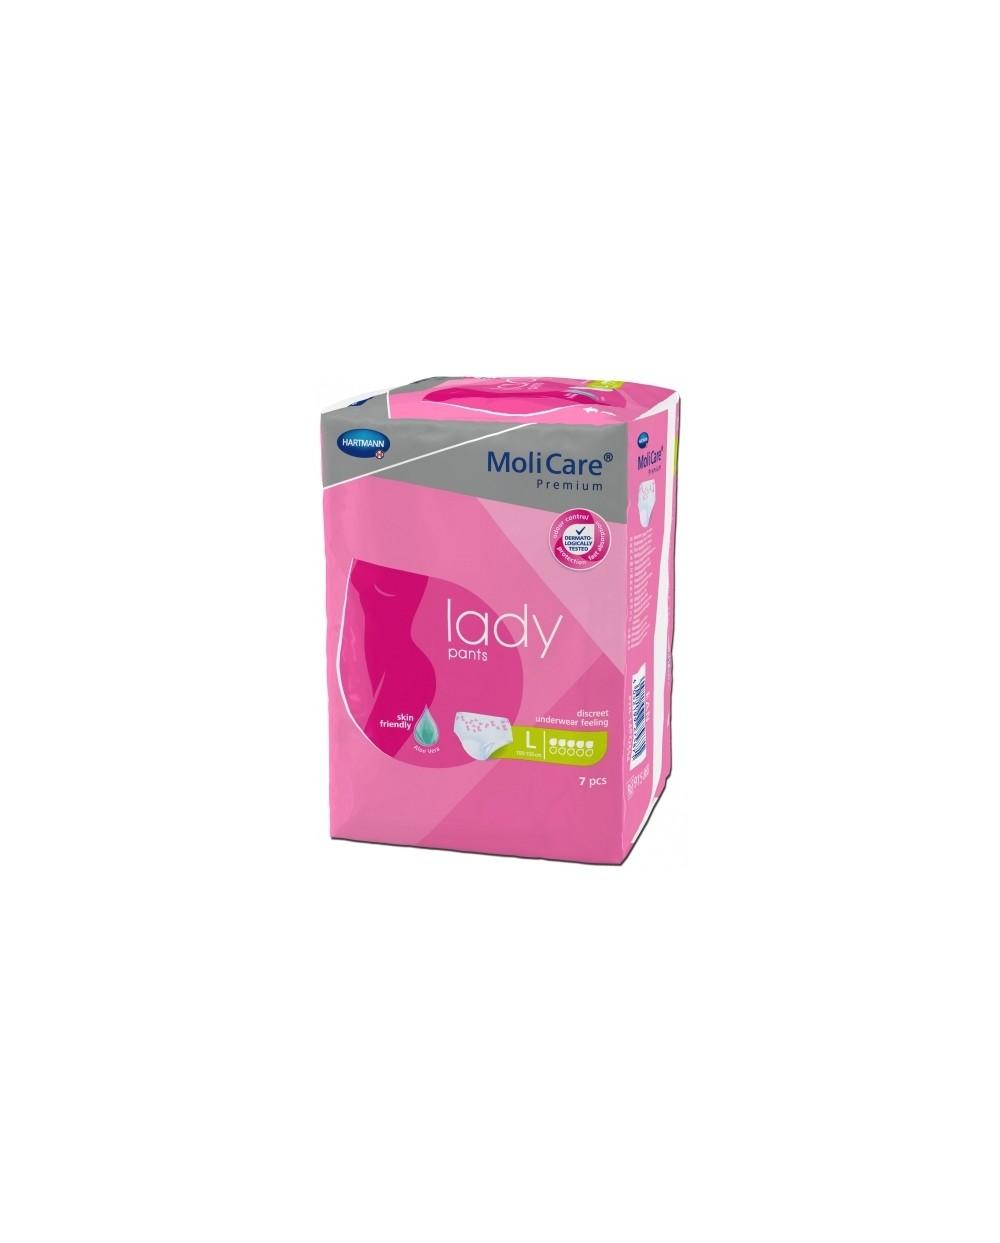 Hartmann Molicare Premium Lady Pants 5 gouttes Large - 7 protections